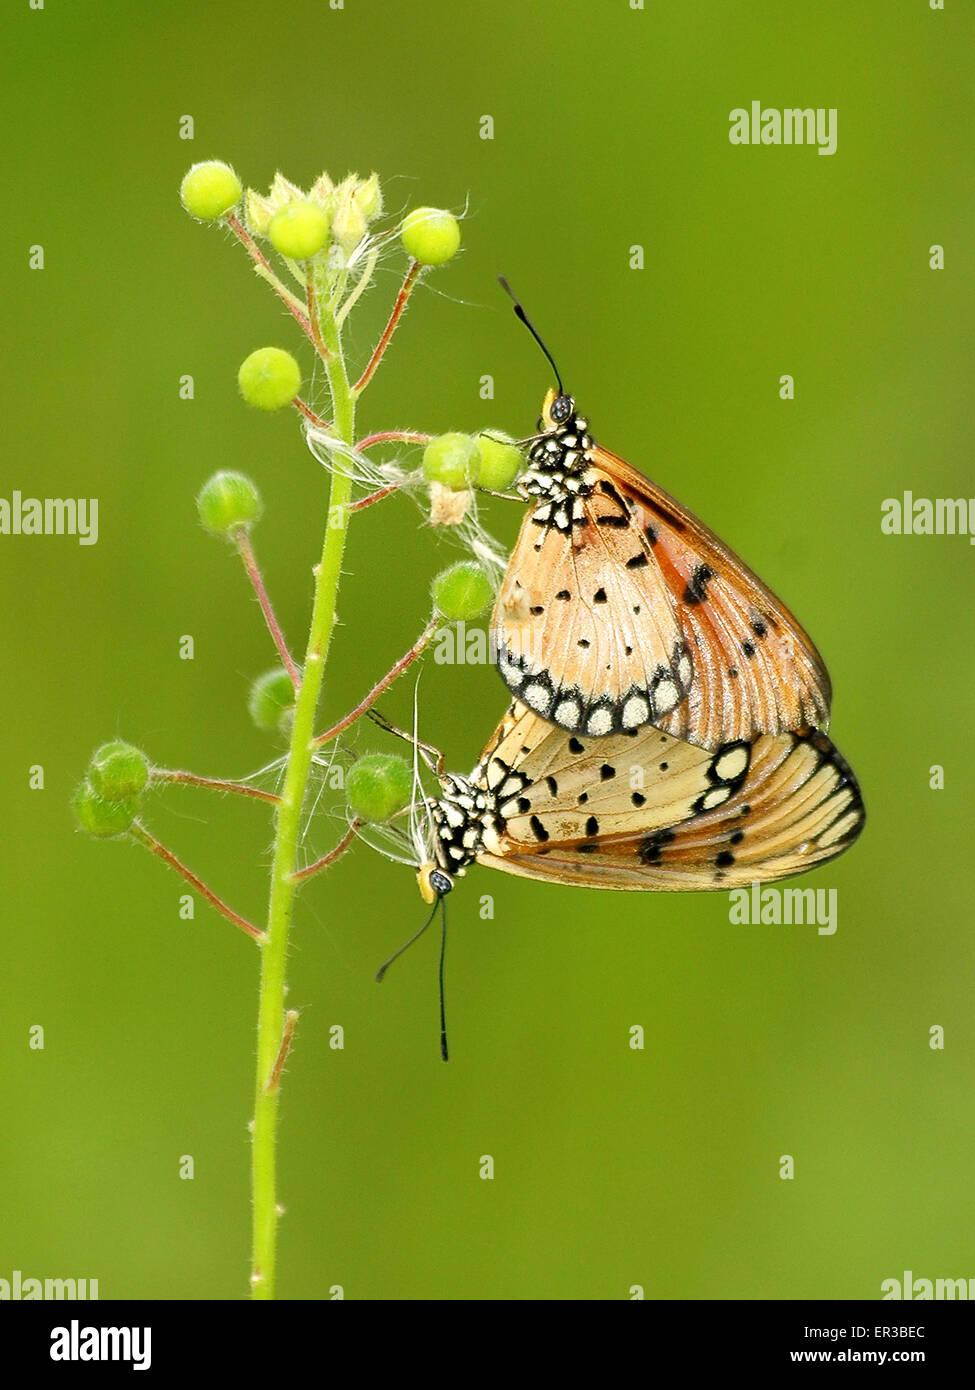 Deux papillons sur une tige de la plante Photo Stock